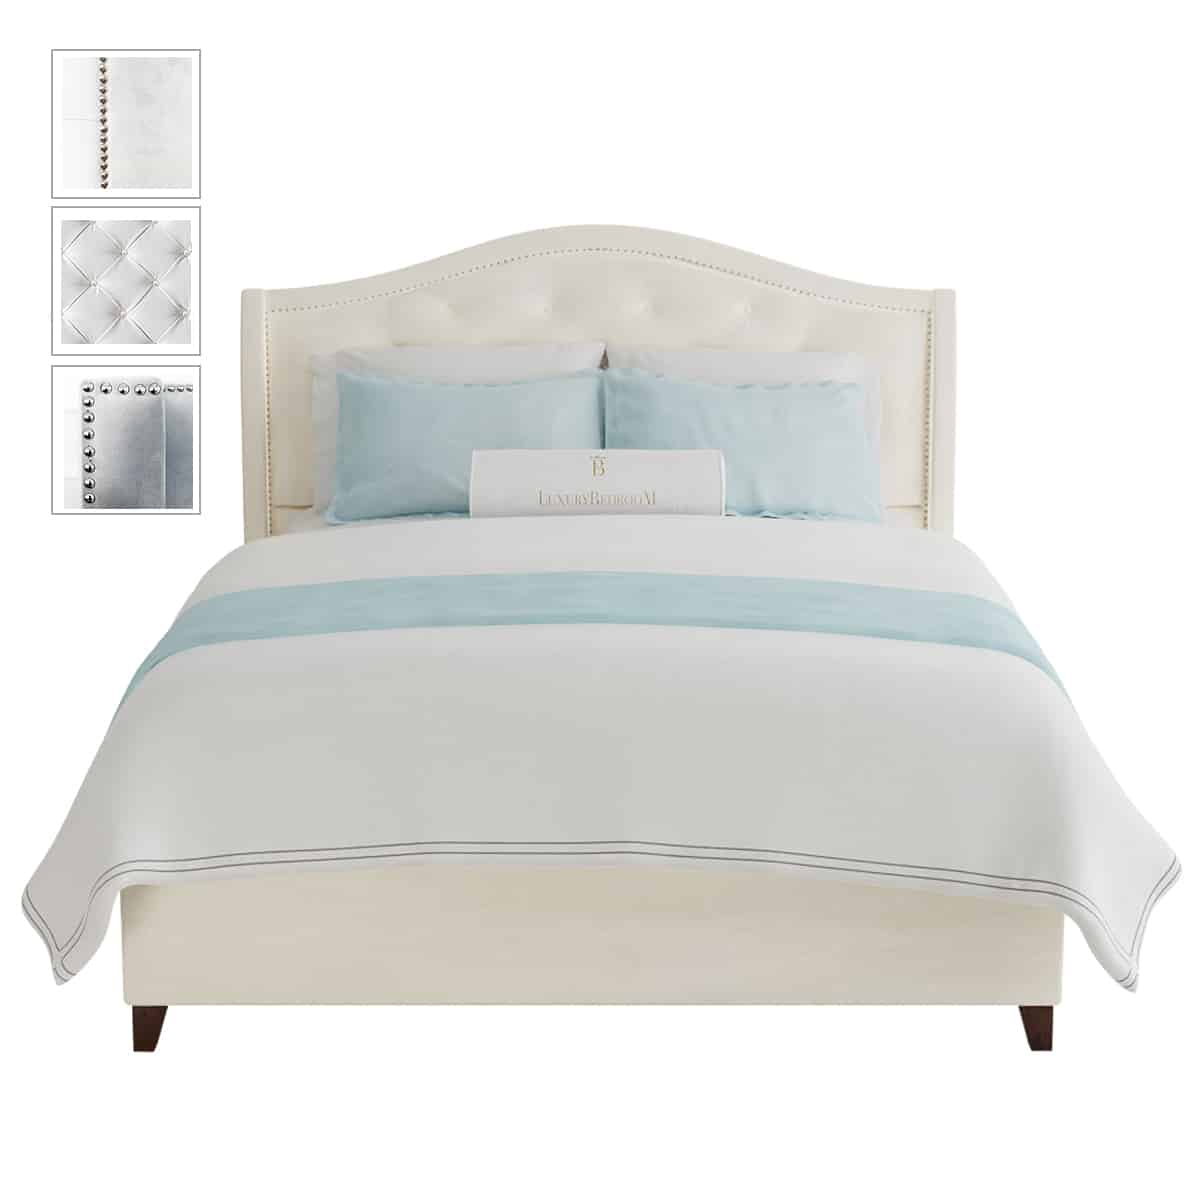 łóżko z zagłówkiem pikowanym